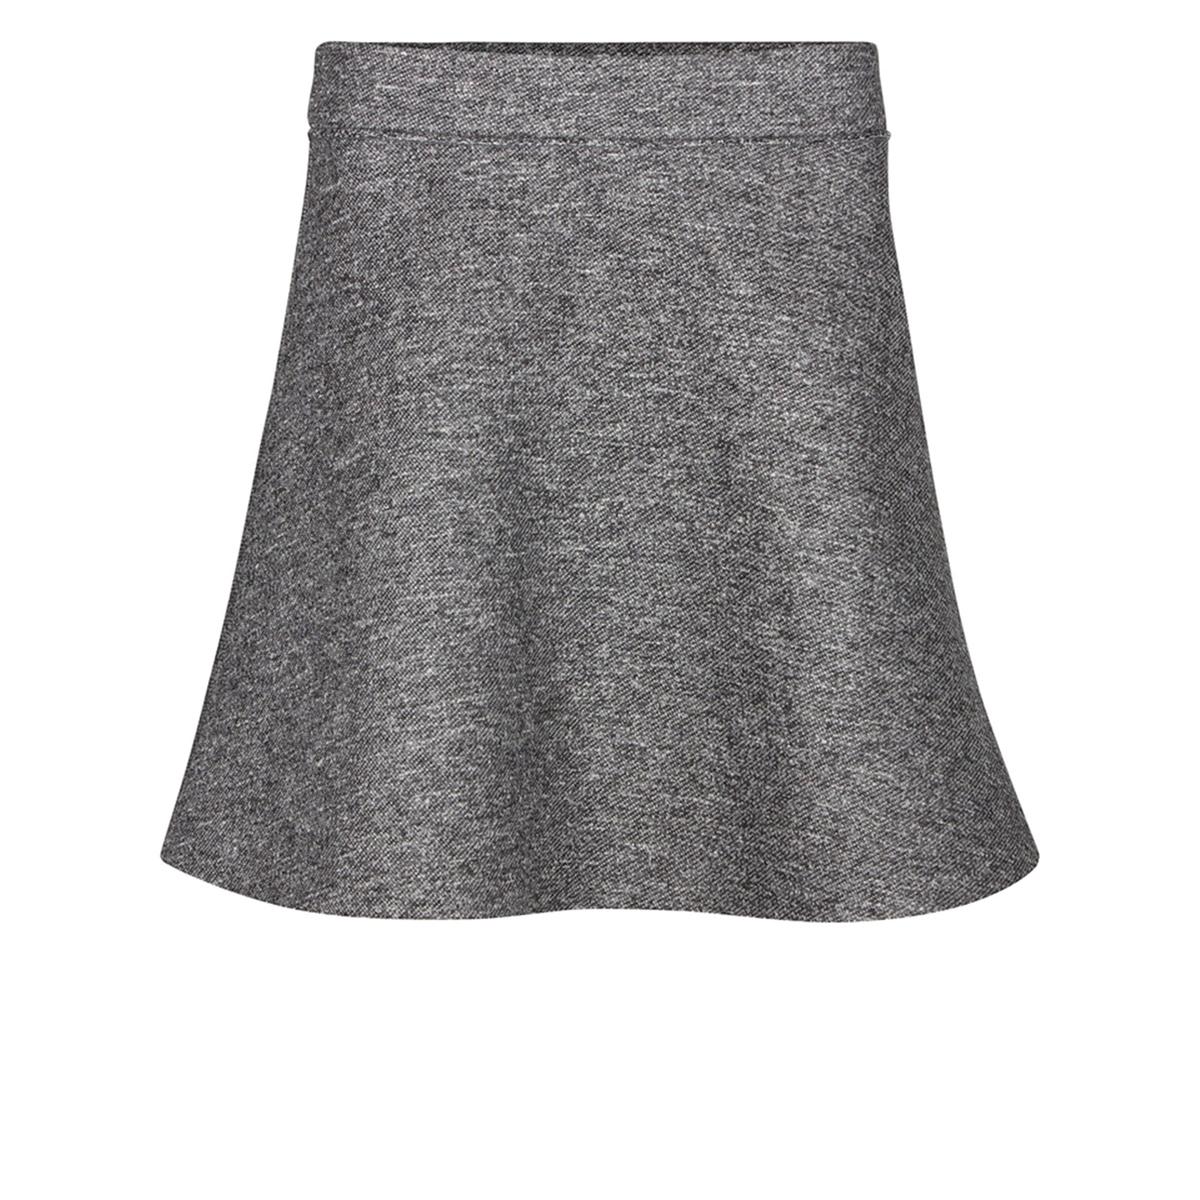 Юбка короткая расклешенная с меланжевым эффектом, CANENSКороткая юбка CANENS от NUMPH. Расклешенная юбка с фетровым эффектом. Меланжевый эффект, ворсистый рисунок. Состав и описание :Материал : 100% полиэстерМодель : CANENSМарка : NUMPH УходМашинная стирка при 30 °С с вещами схожих цветов Стирать и гладить с изнаночной стороны<br><br>Цвет: серый меланж